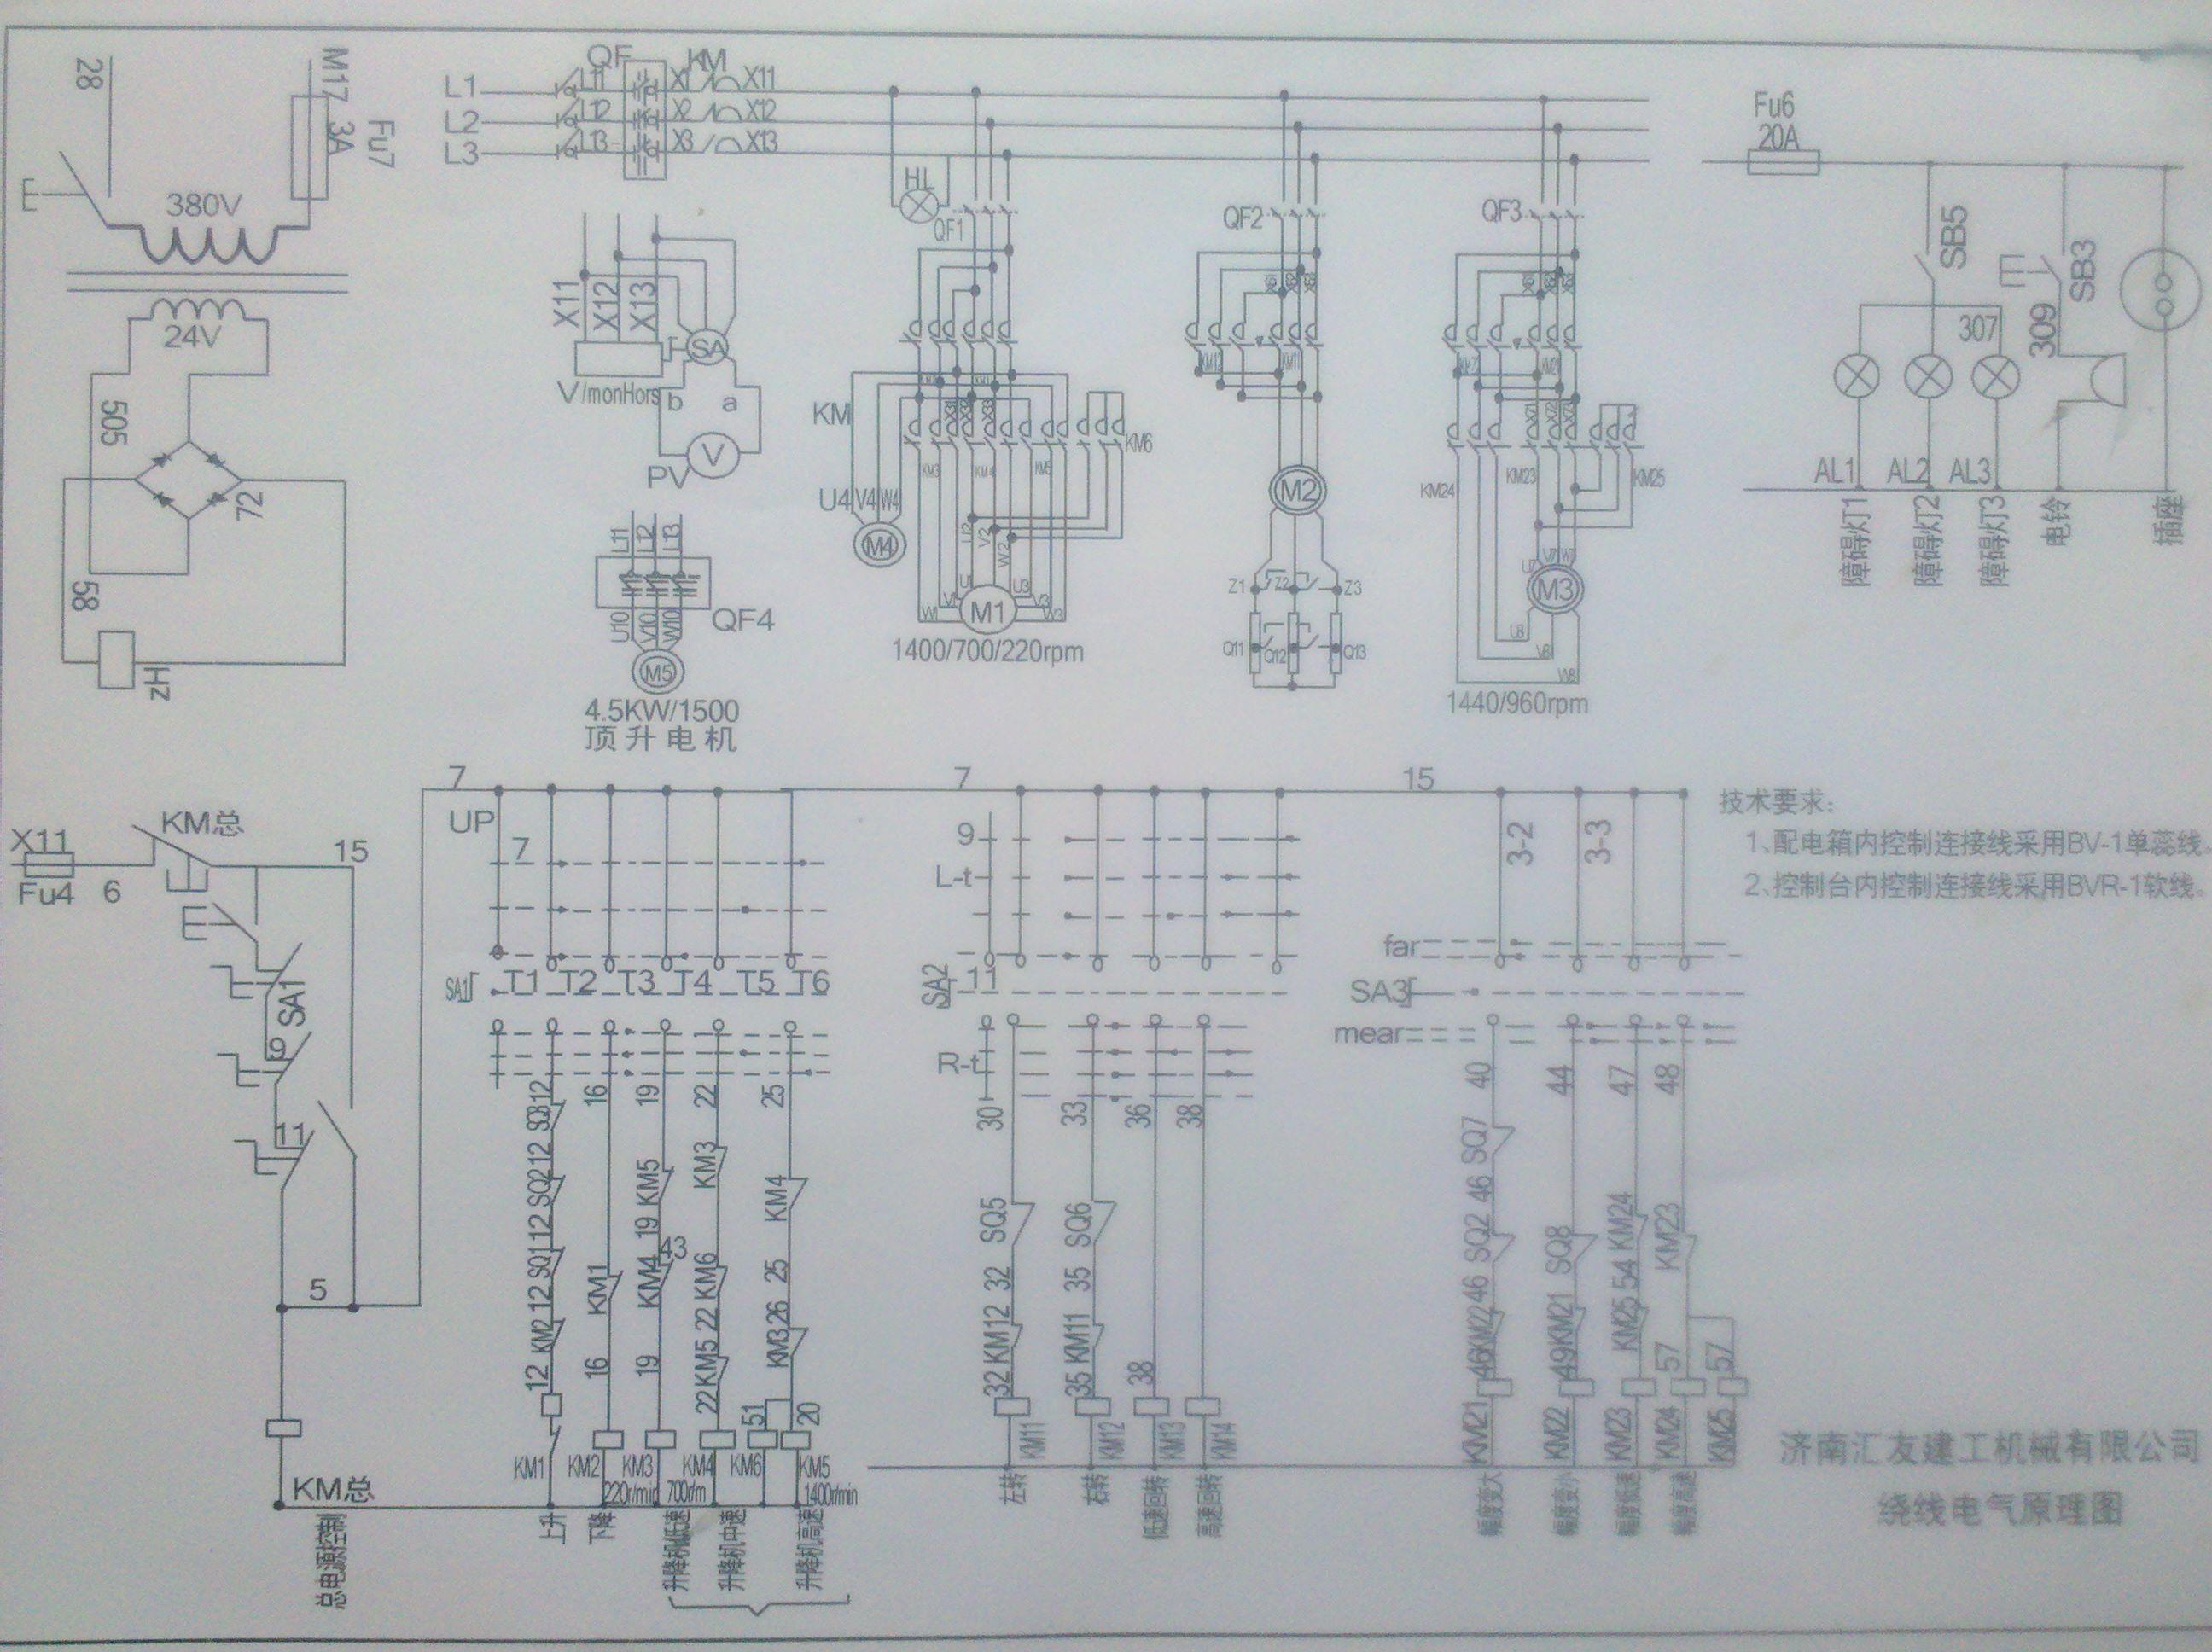 帮忙发几个简单低压电气控制柜接线图或原理图! 谢谢!